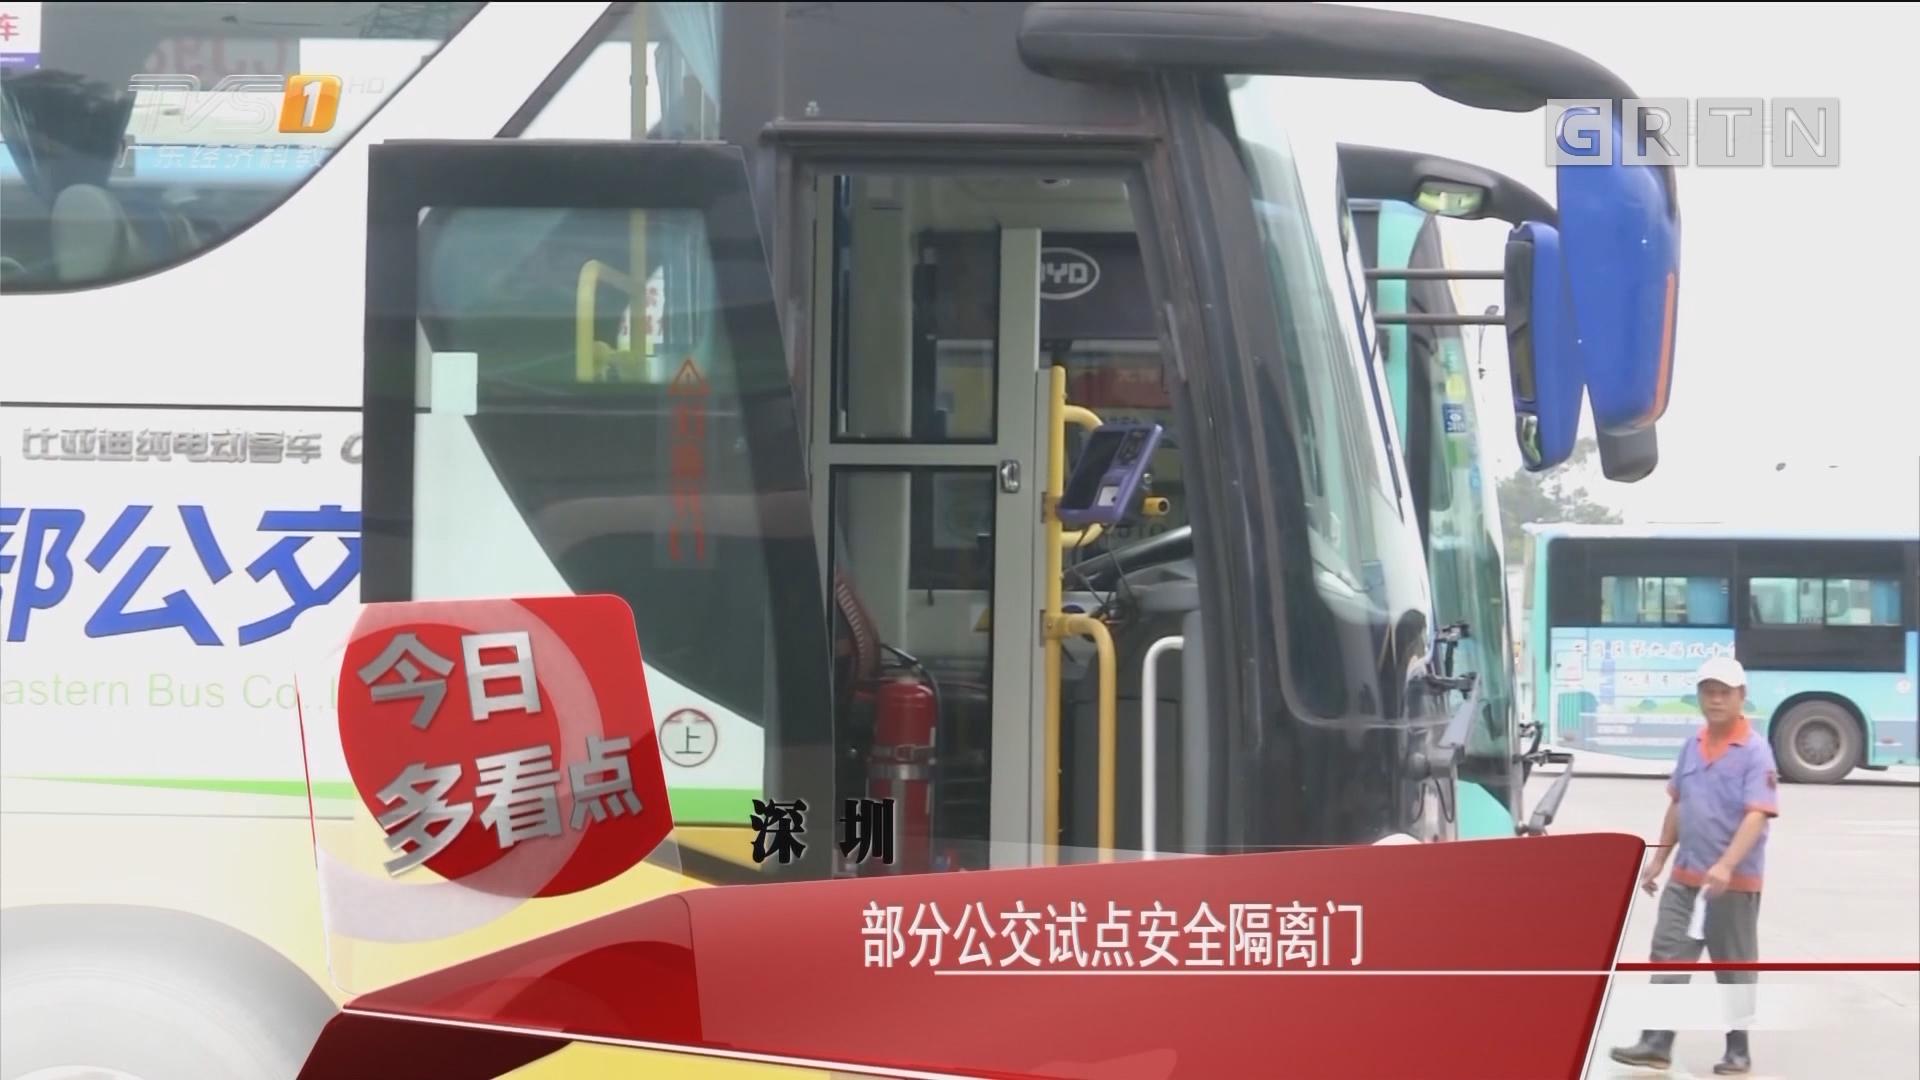 深圳:部分公交试点安全隔离门